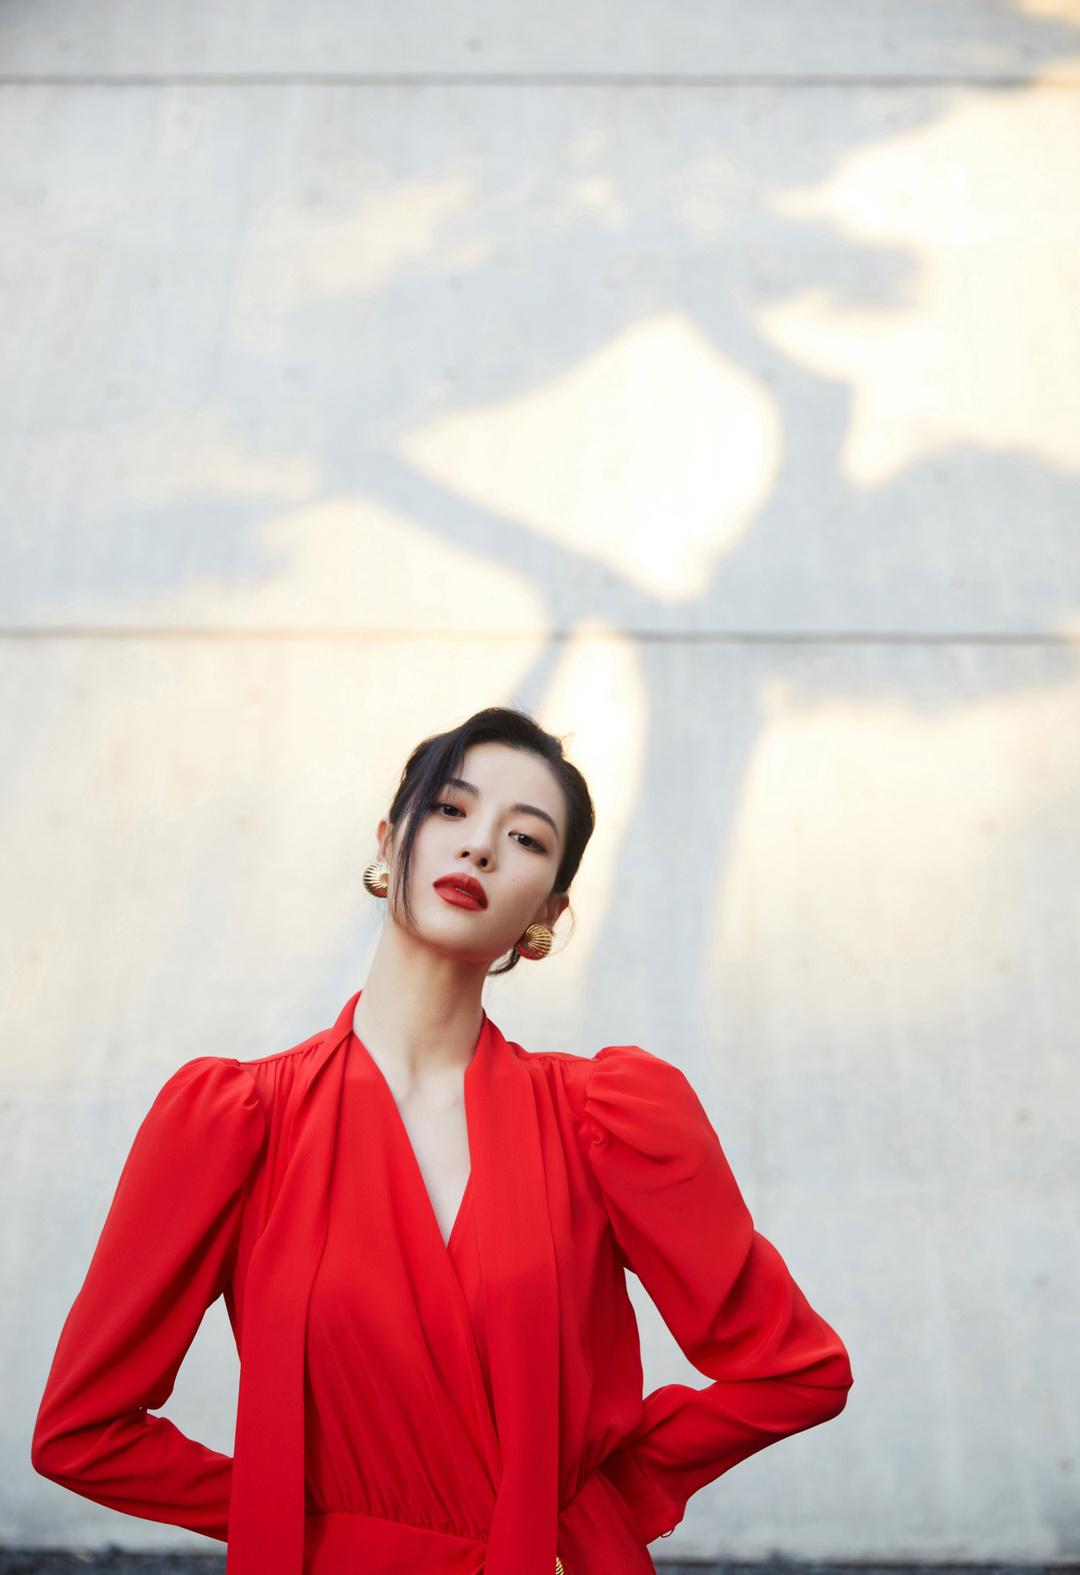 最新写真释出,身穿Lanvin收腰红裙,从头到脚的高饱和色彩……